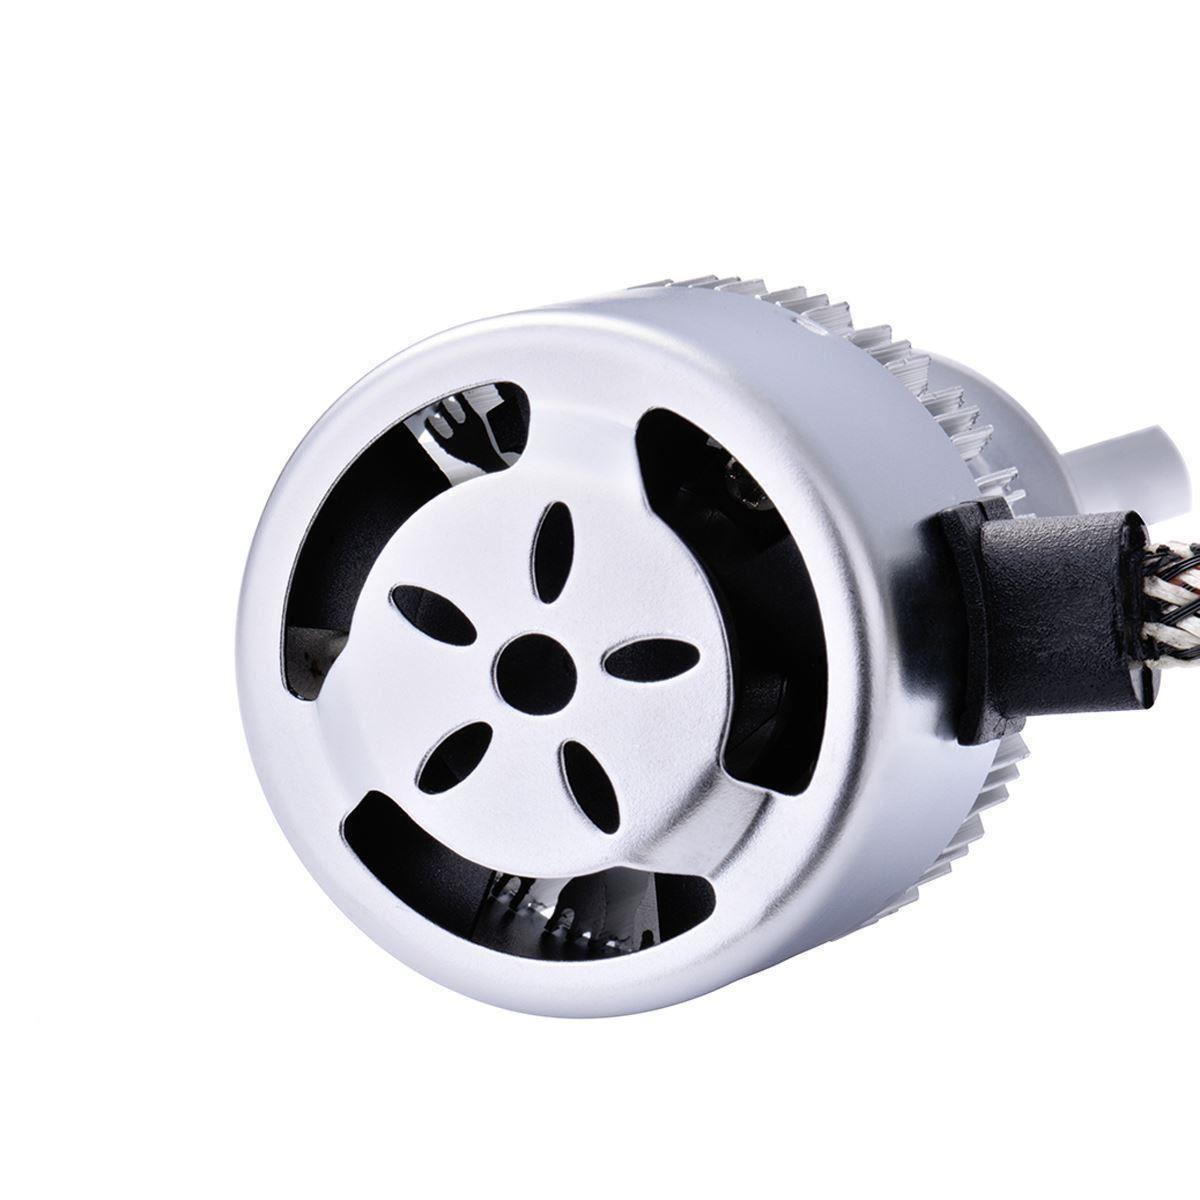 KI-T-2x-Bombillas-LED-H1-h4-H7-H9-H11-36W-7600LM-6000K-COB-Luz-led-coche